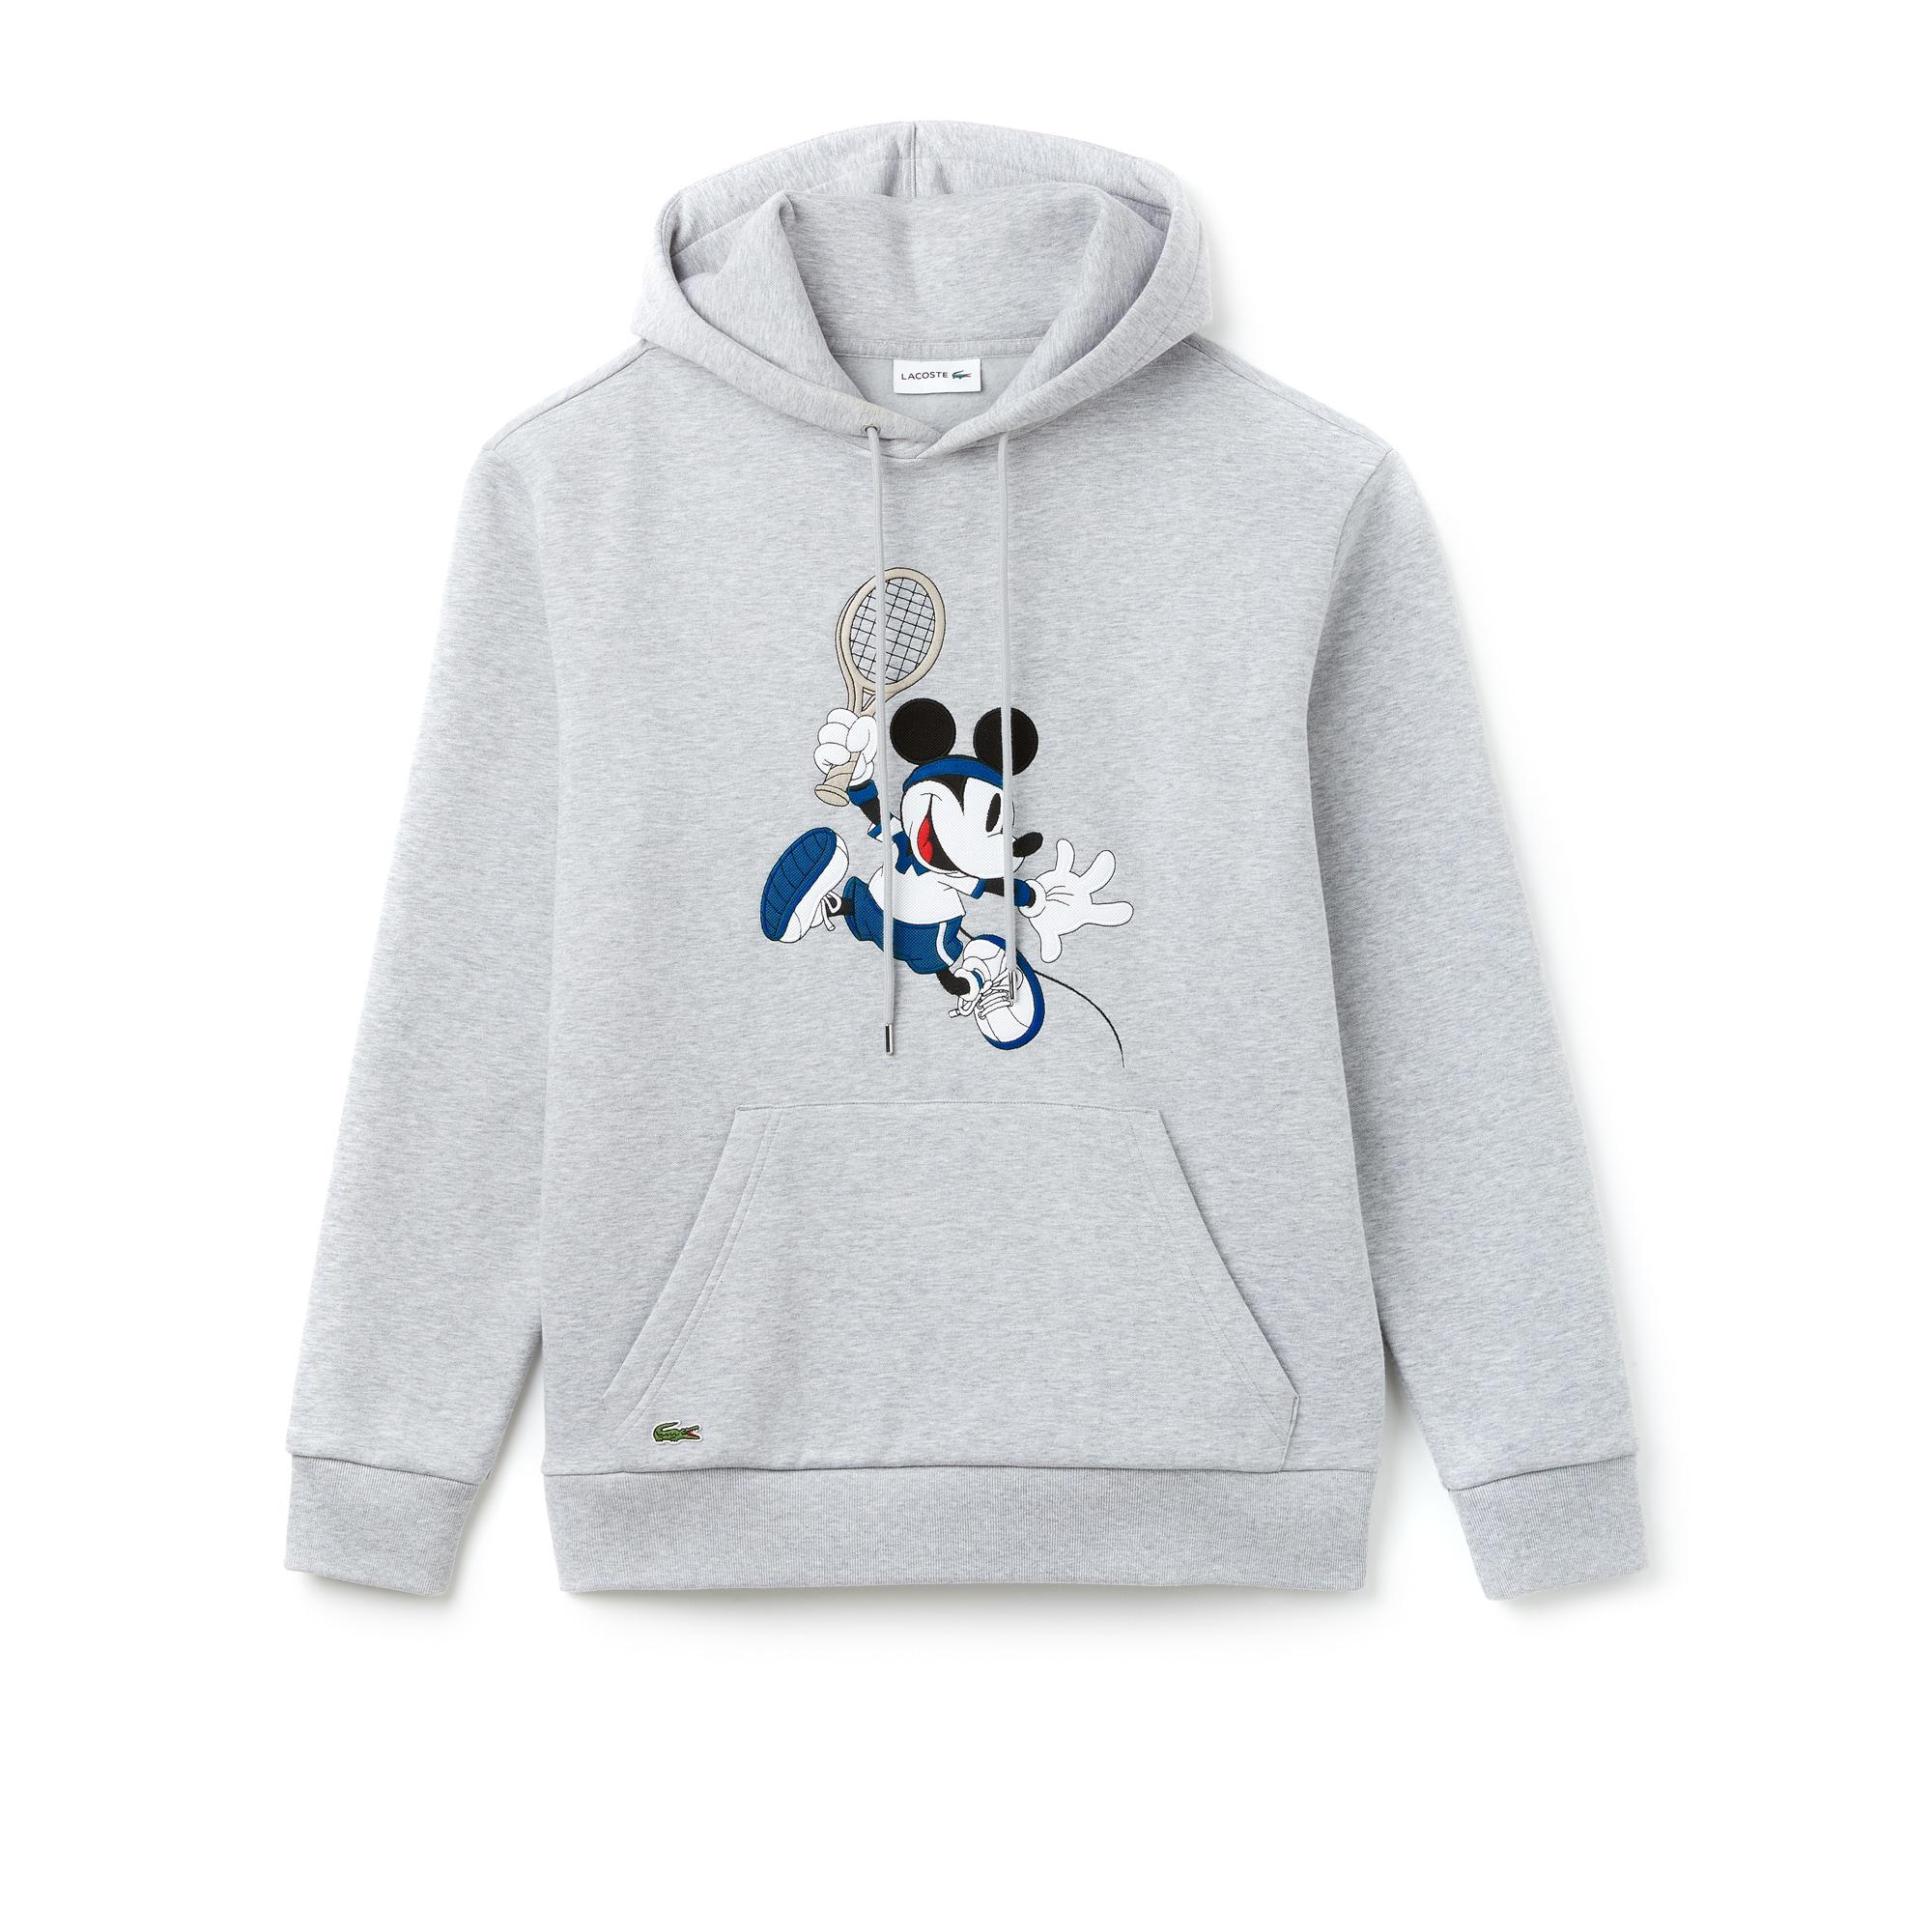 Unisex Disney Mickey Embroidery Hooded Fleece Sweatshirt